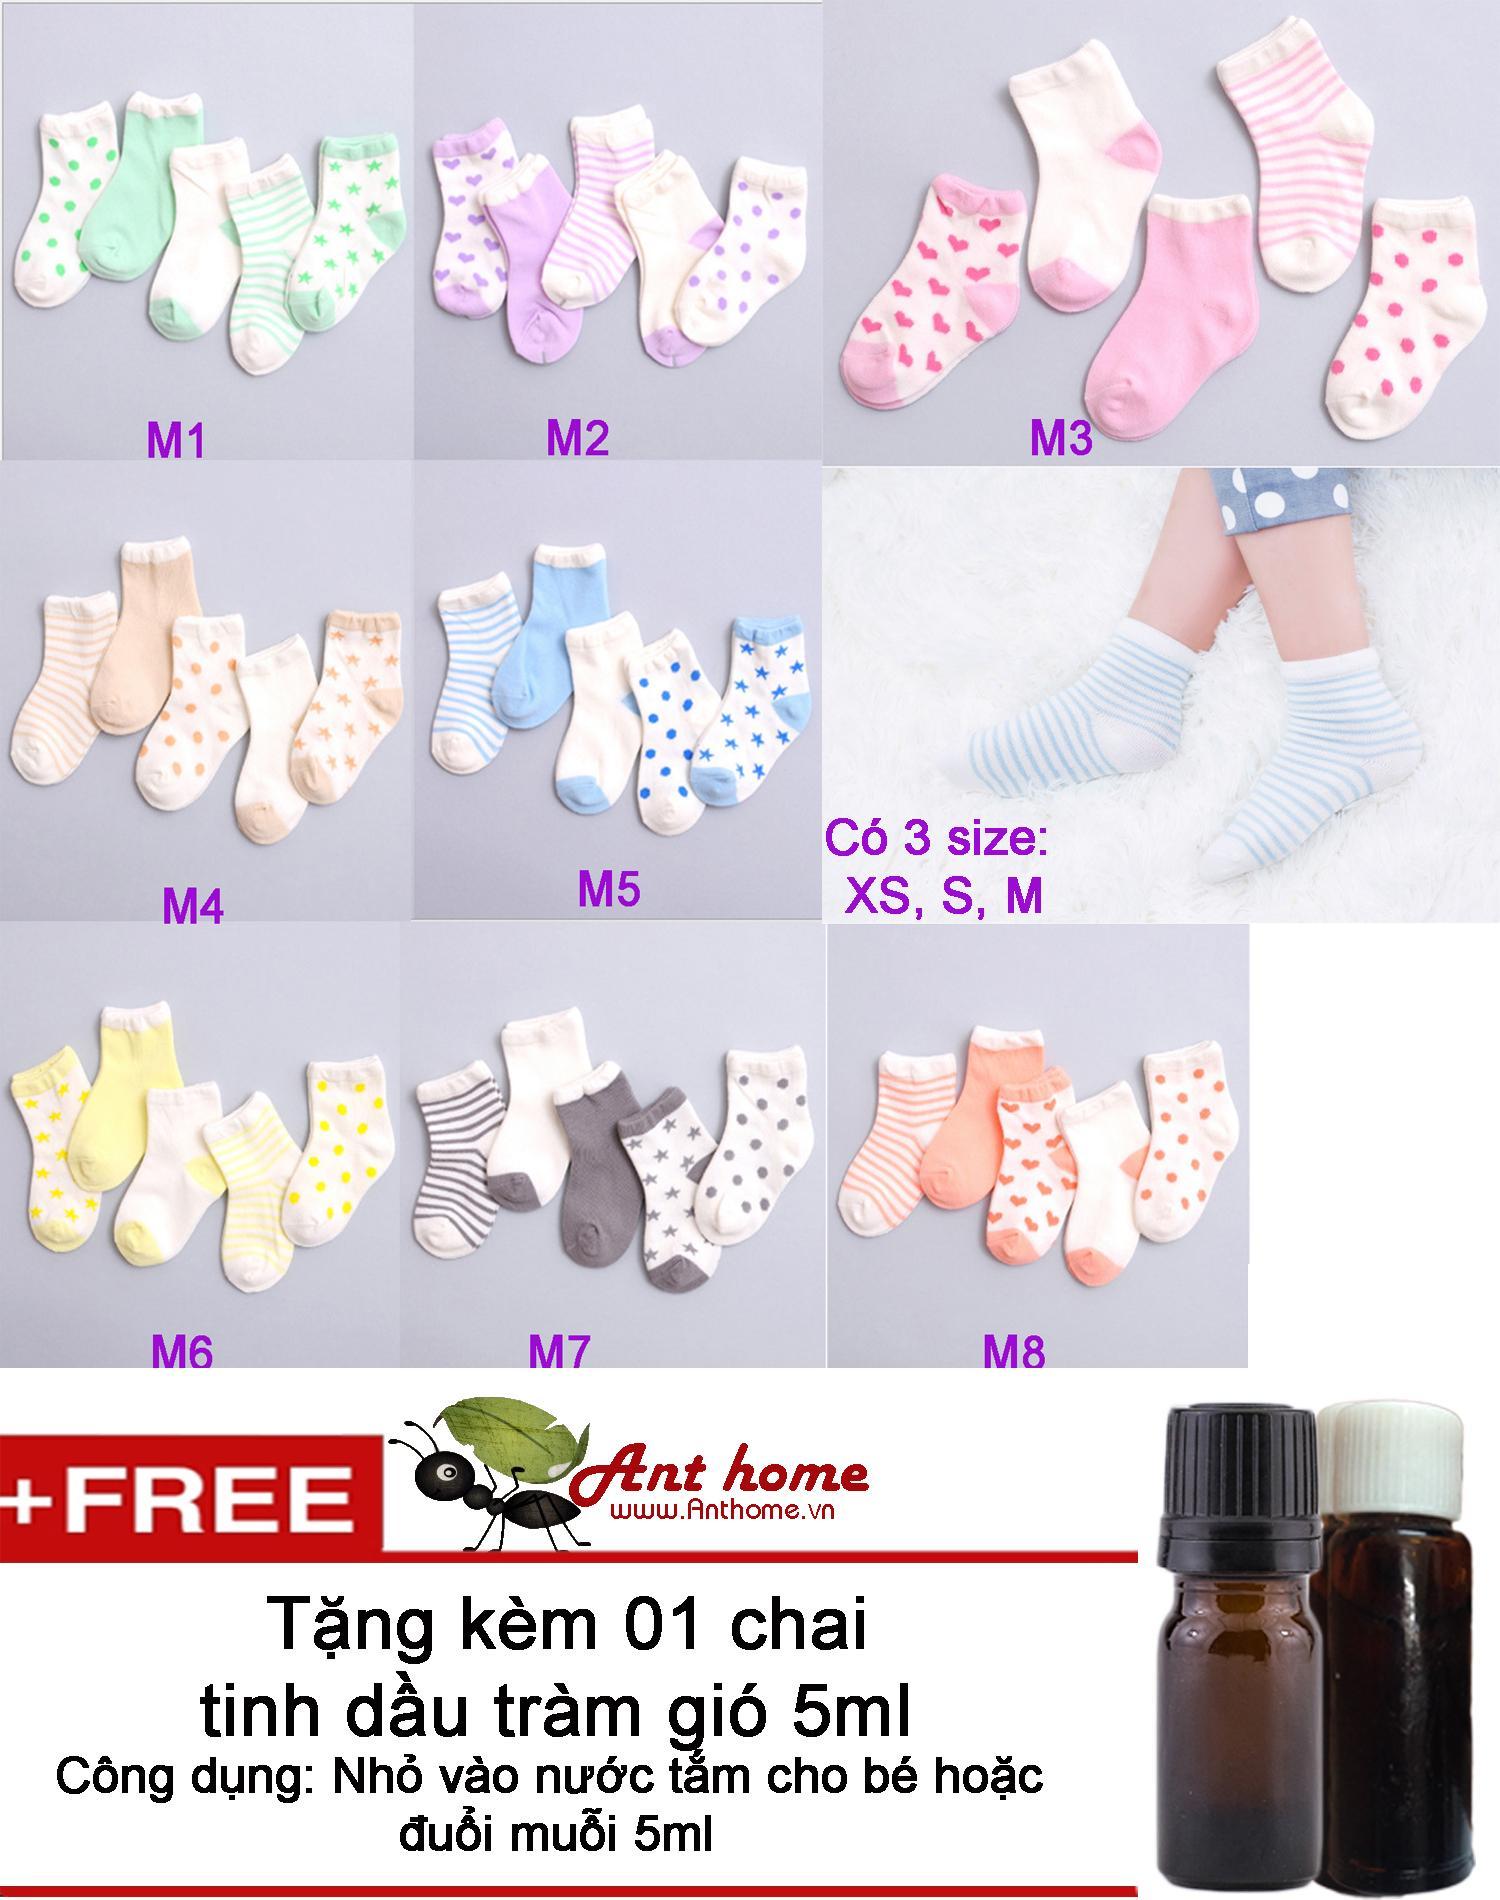 Combo 5 đôi vớ (tất) bé gái từ 0-1 tuổi size XS mẫu M2 + Tặng 1 chai tinh dầu tràm gió 5ml